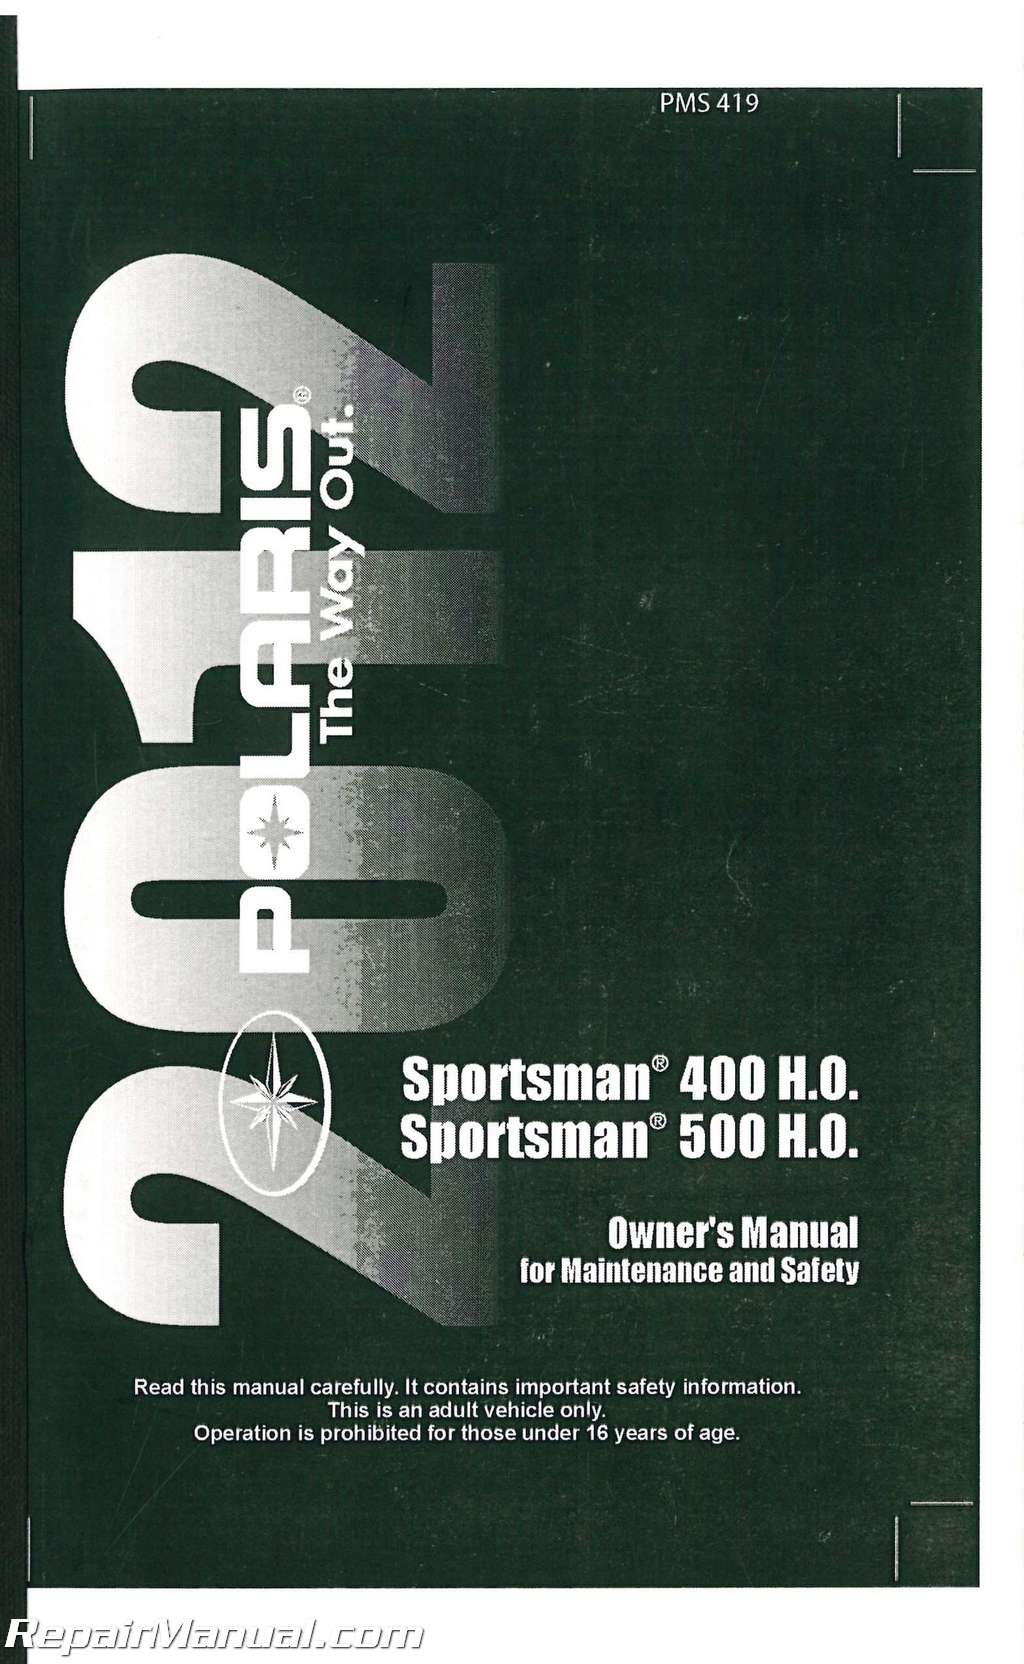 2012 polaris ranger 500 manual